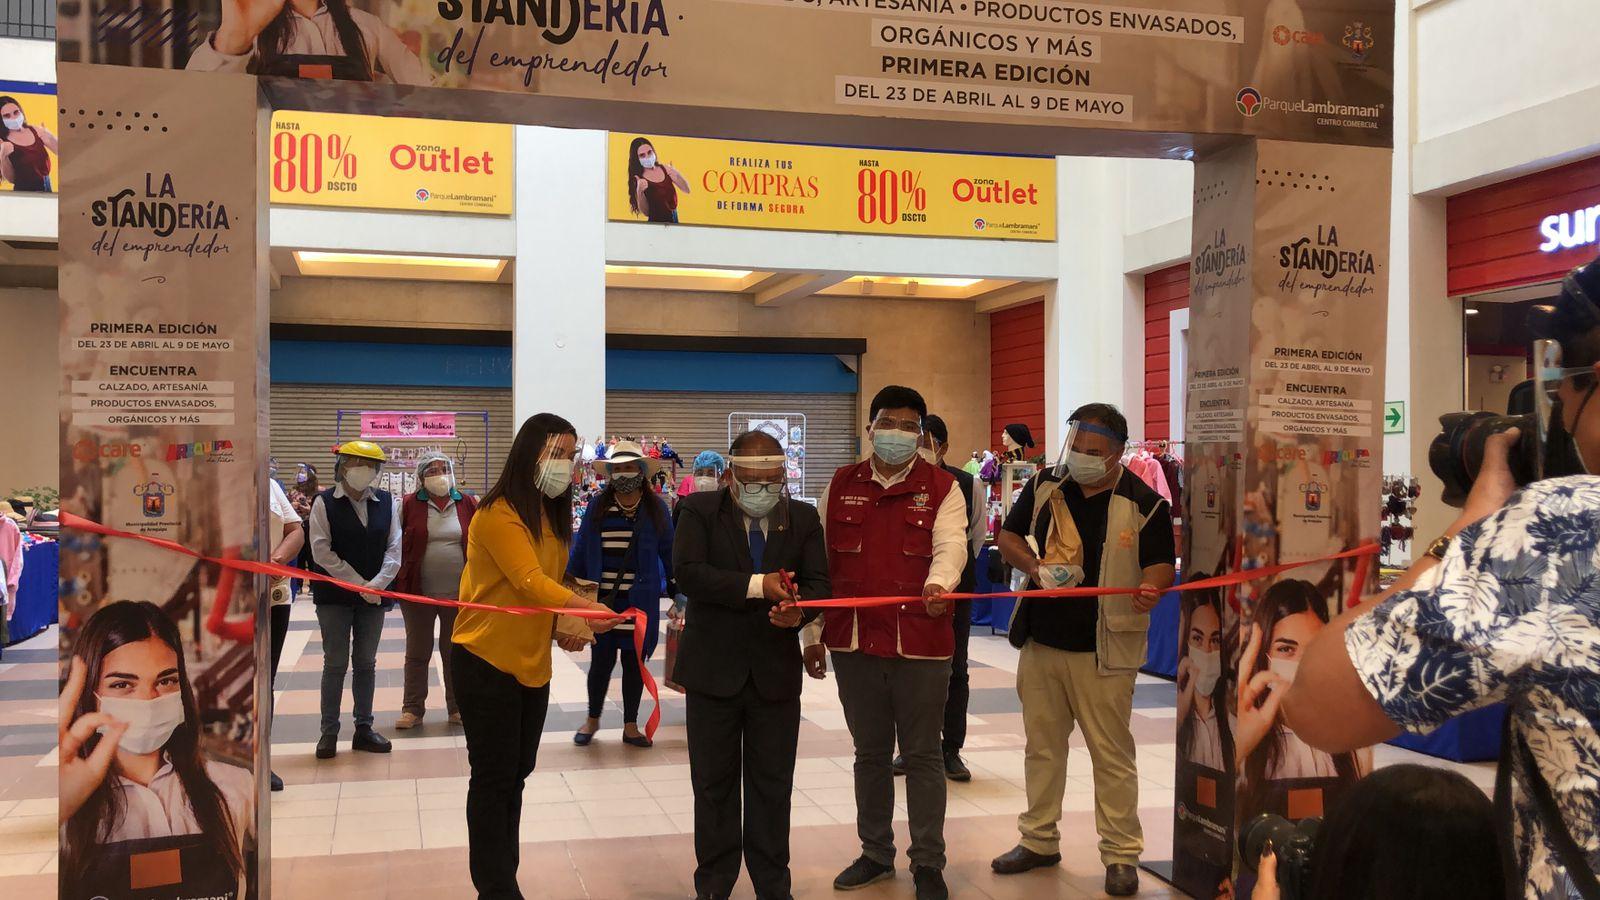 """Hasta el 09 de mayo """"Mujeres Emprendedoras de Arequipa"""" presentarán sus productos en centro comercial Parque Lambramani"""